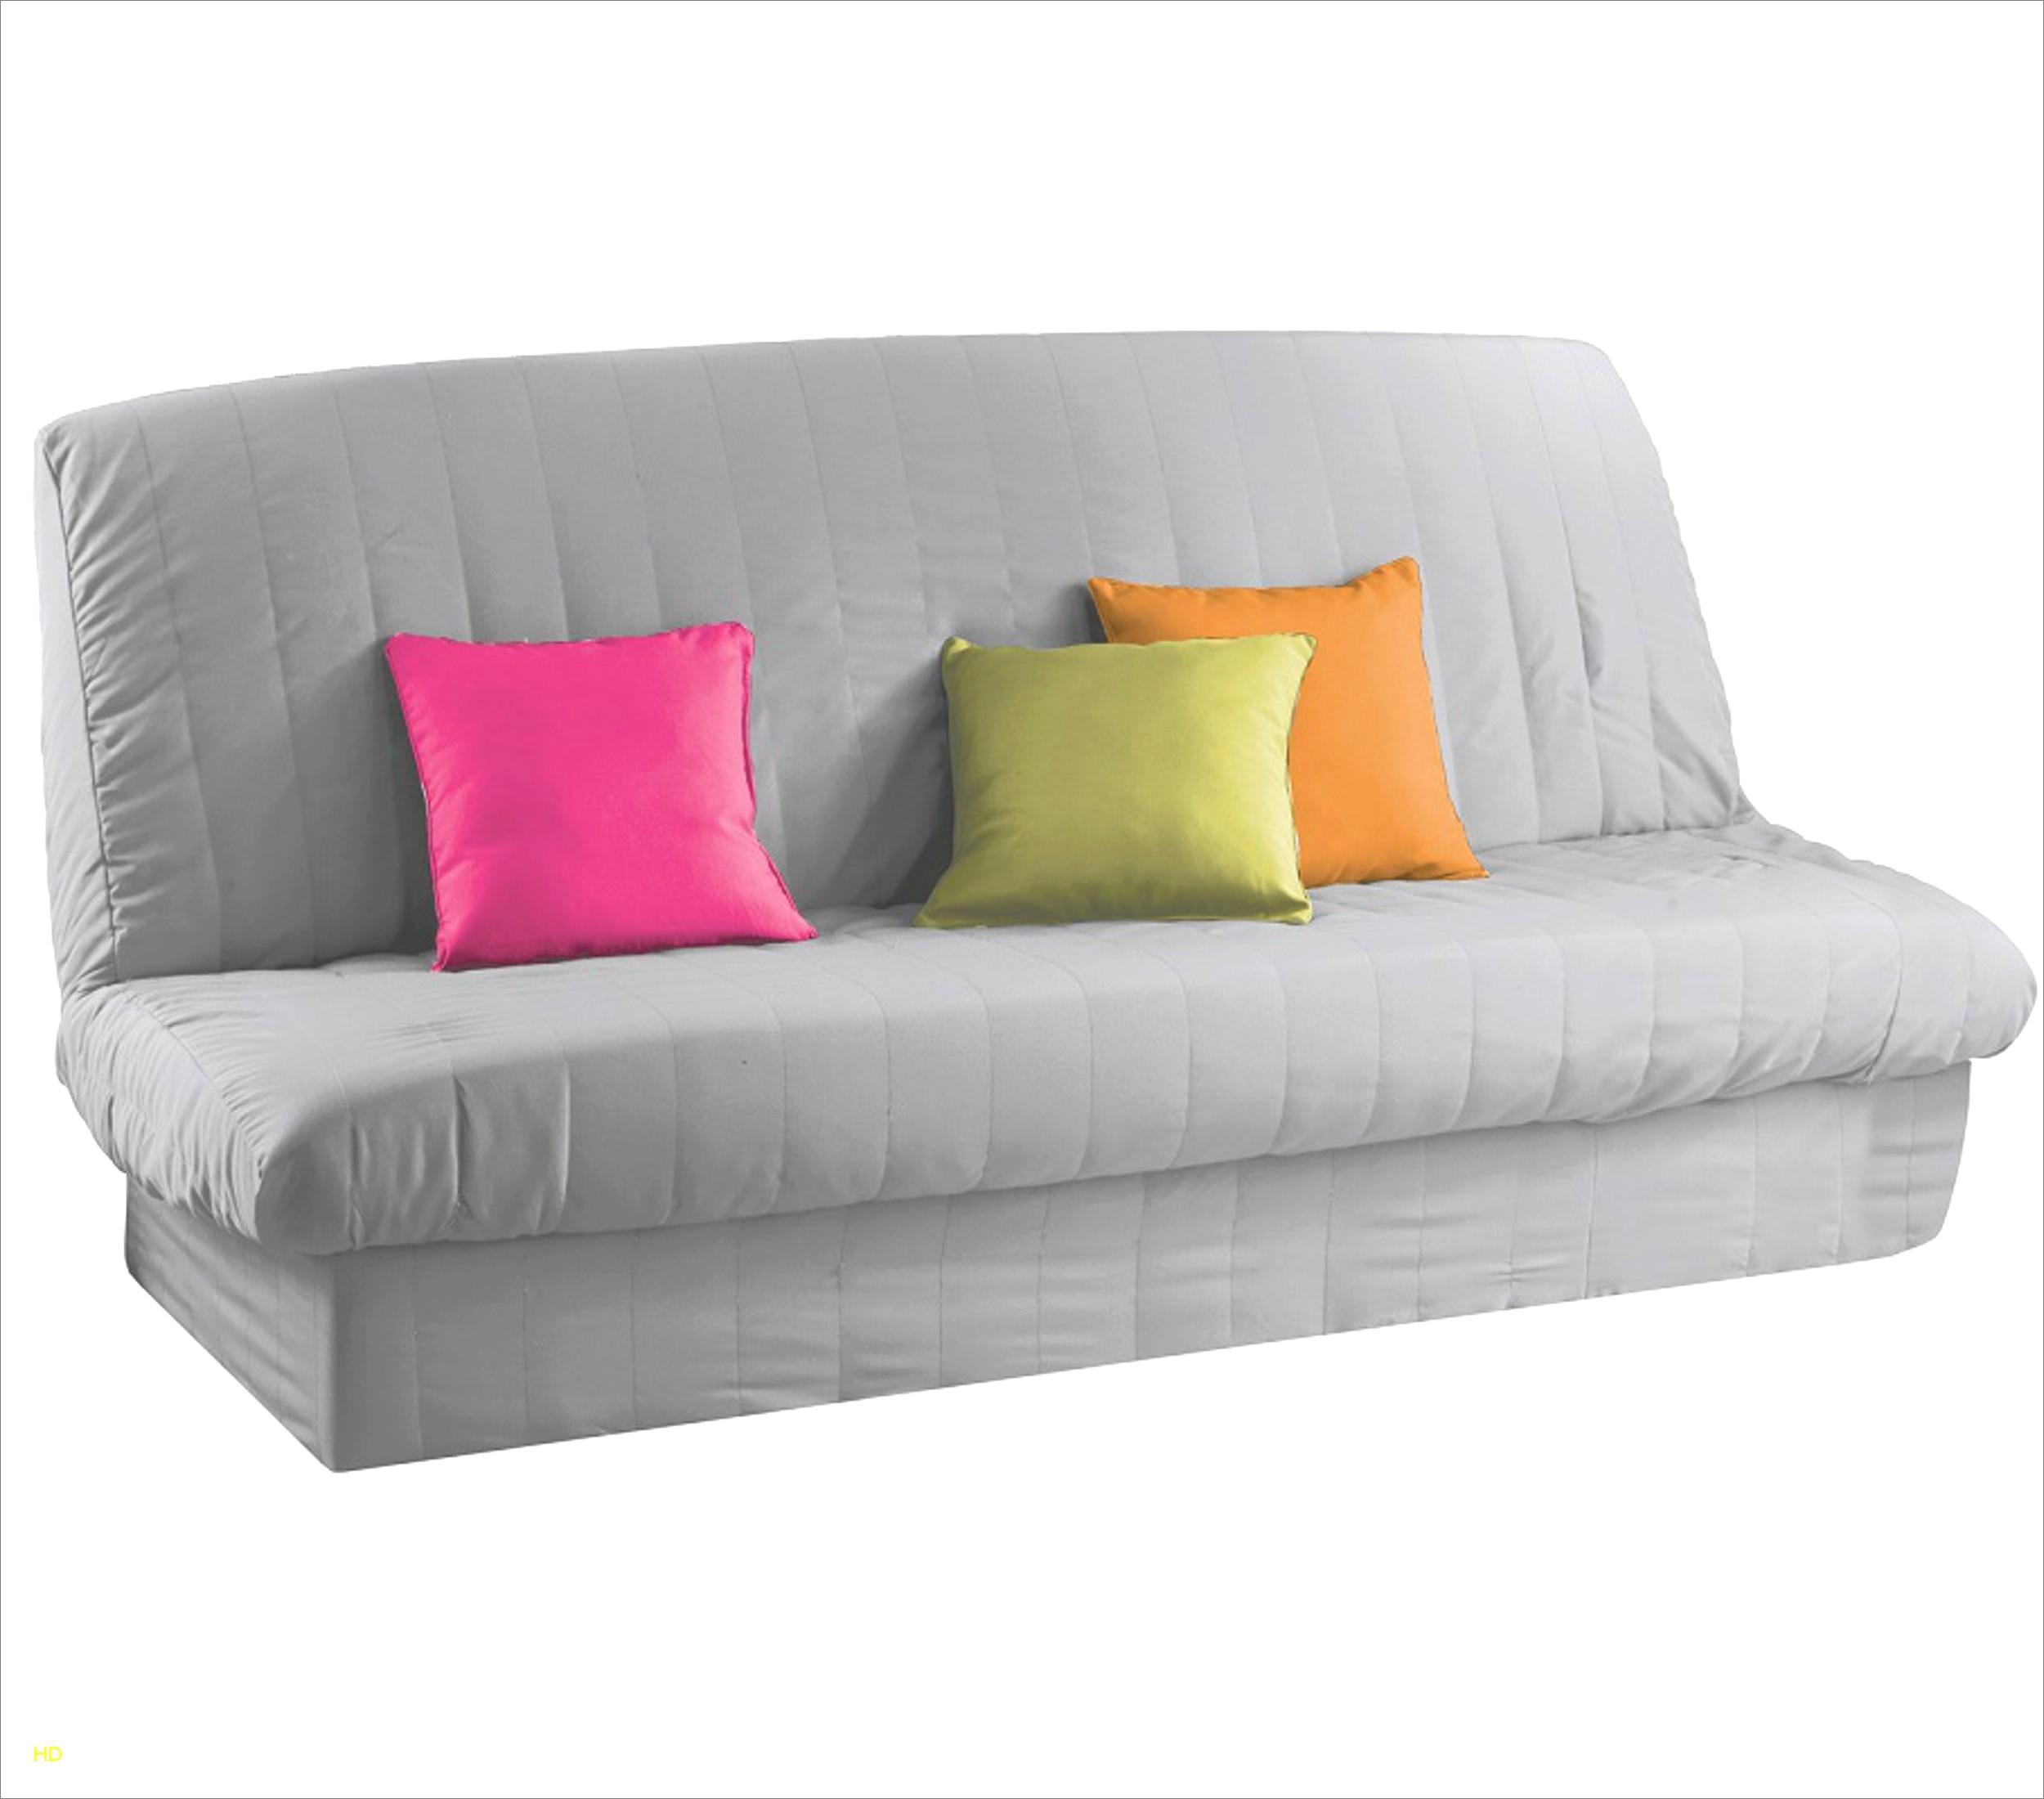 matelas futon pas cher l gant bz nouveau canap 2 places s avec charmant clic clac 140x190 interesting of et in ideal canape a vendre housse de